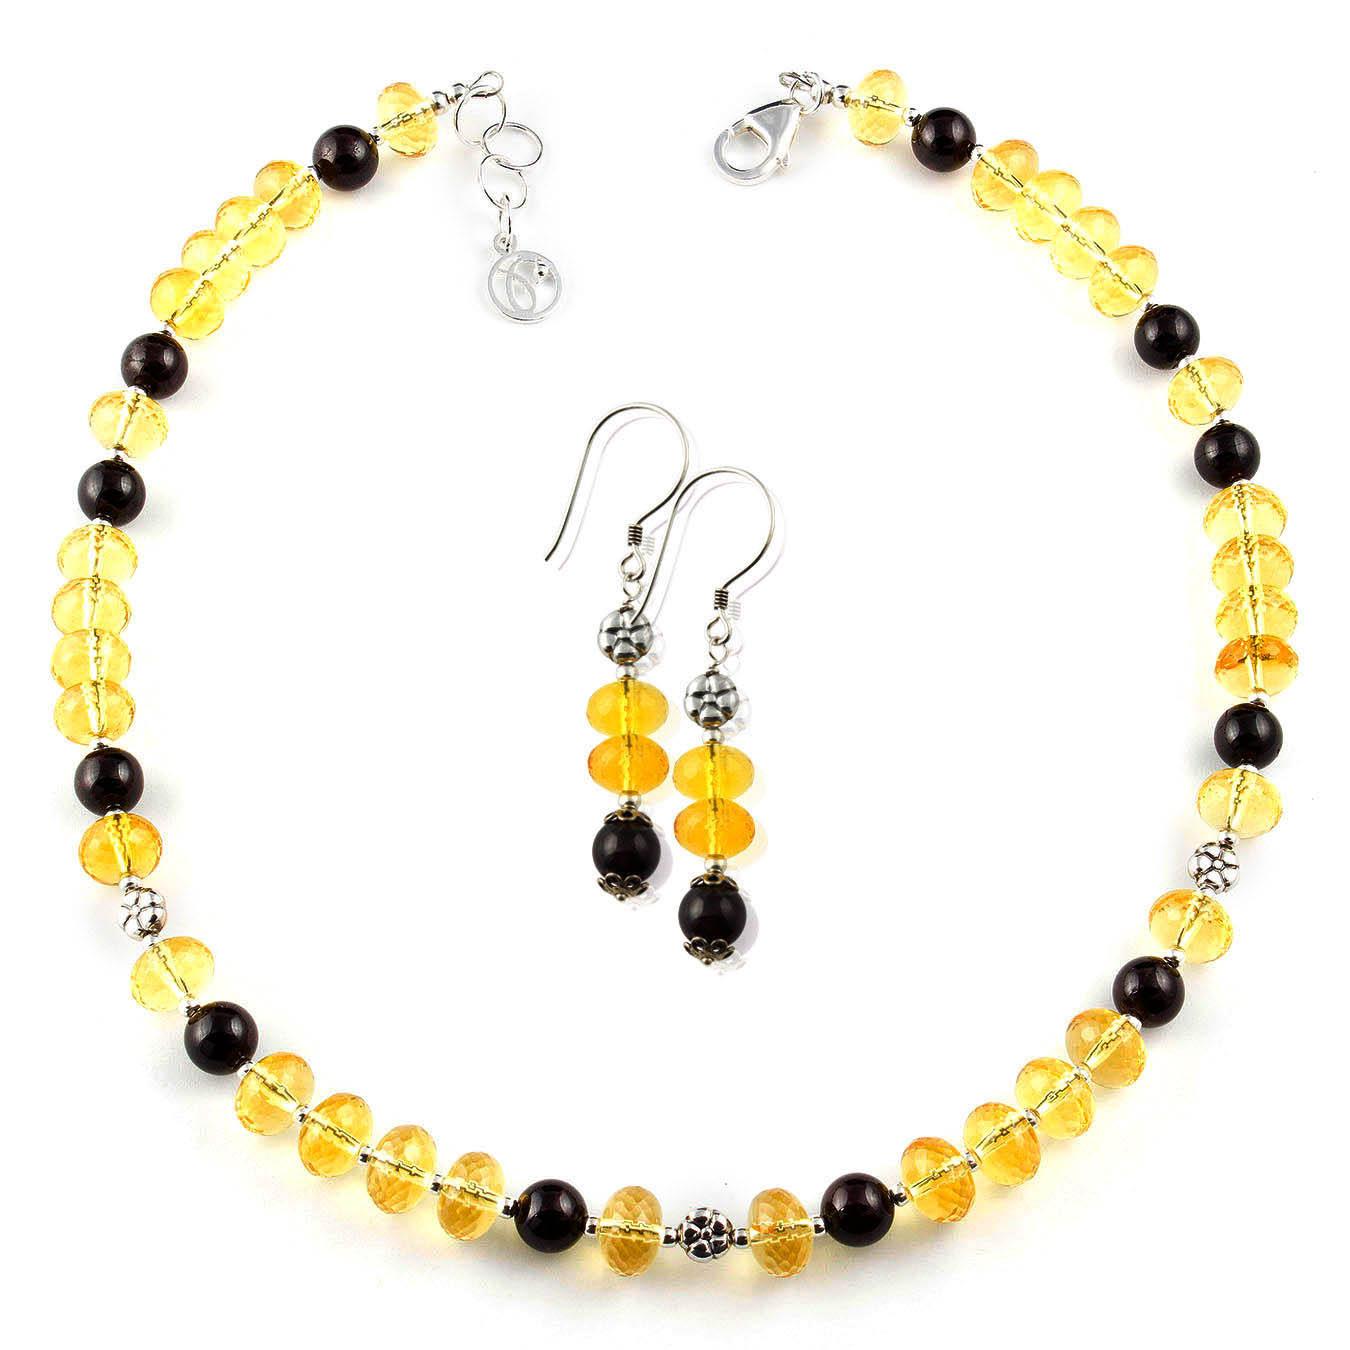 Citrine gemstone beaded jewelry set by Pirowna